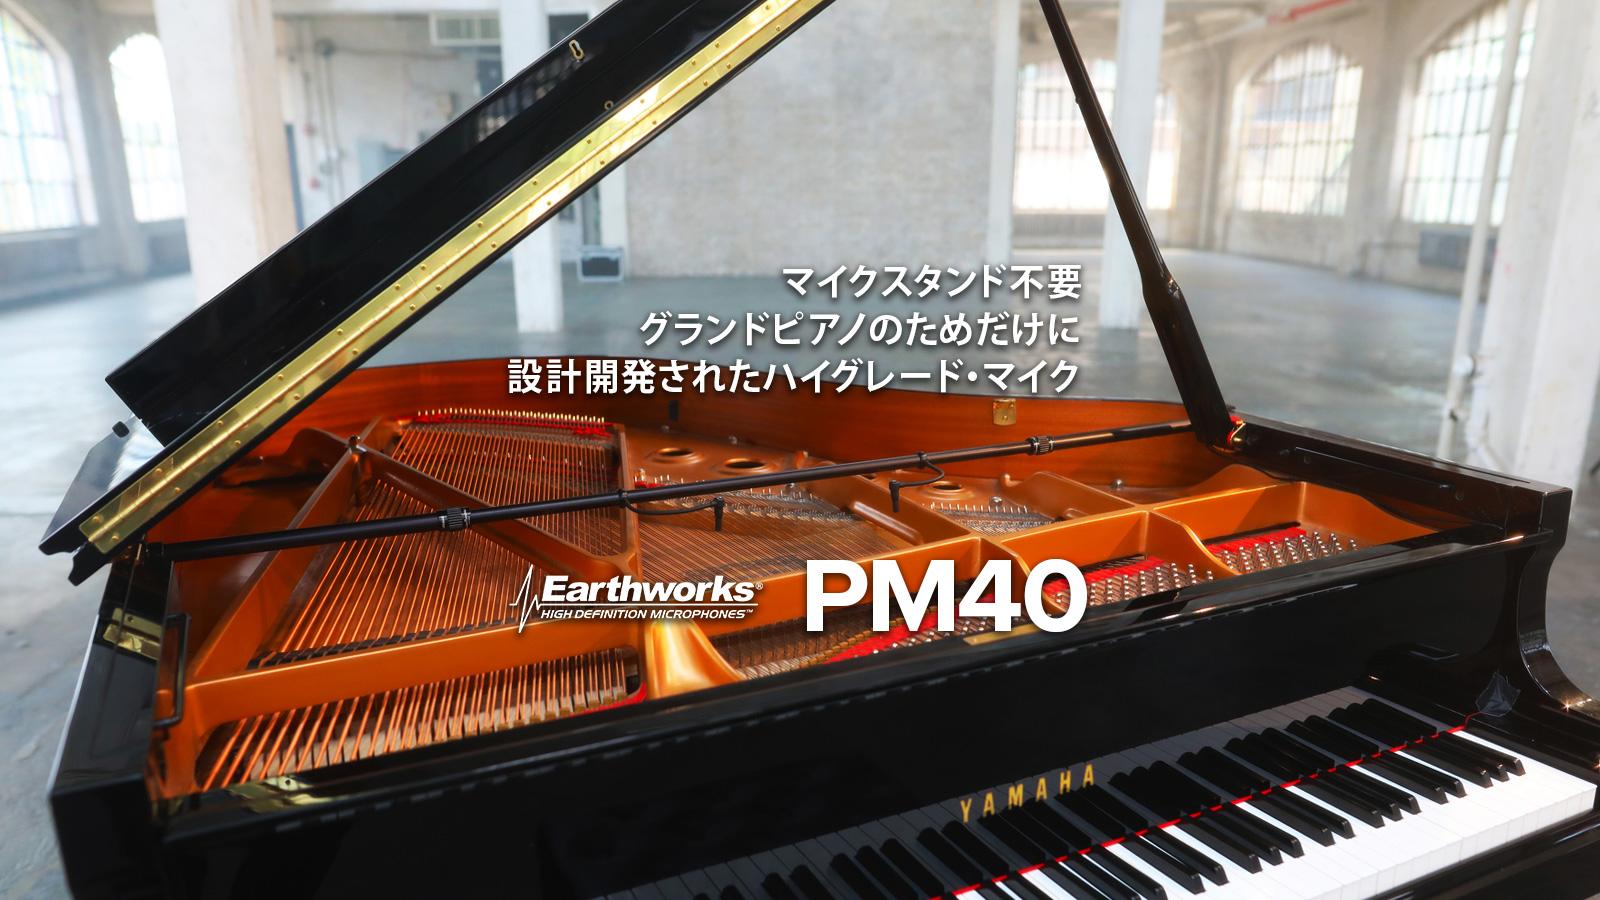 マイクスタンド不要、グランドピアノのためだけに設計開発されたハイグレード・マイク「Earthworks PM40」